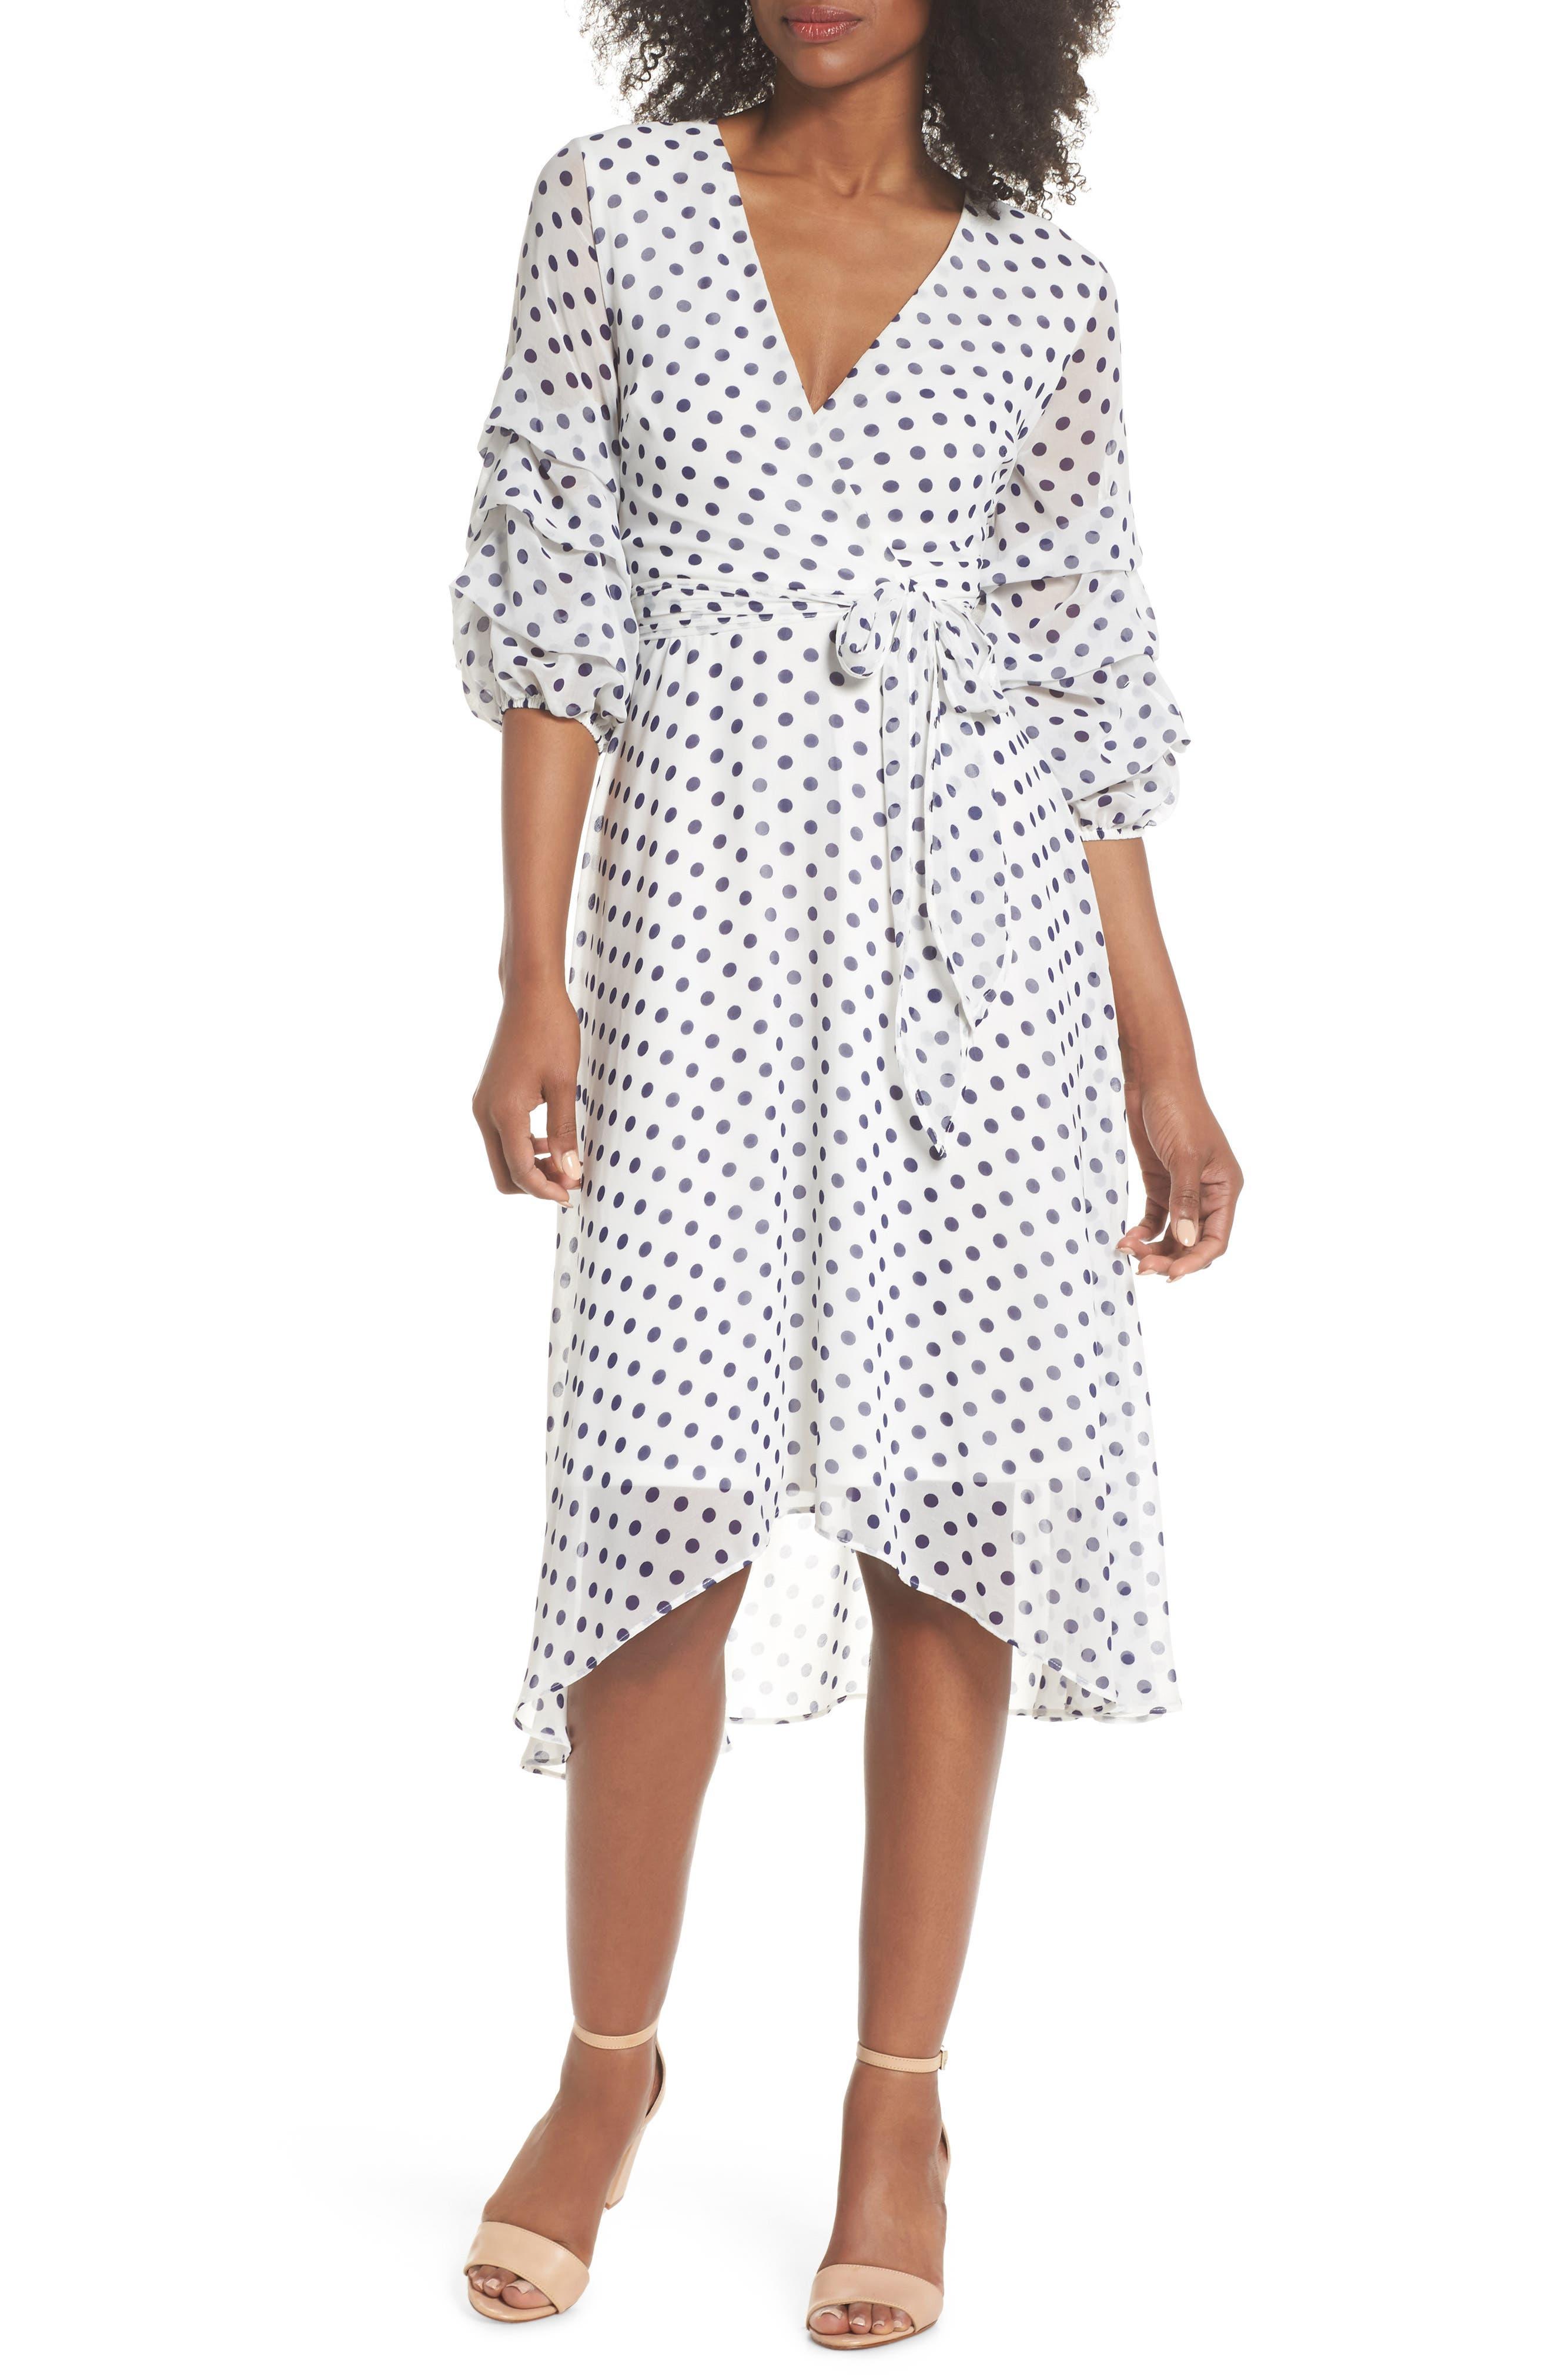 Gabby Skye Polka Dot Faux Wrap Midi Dress